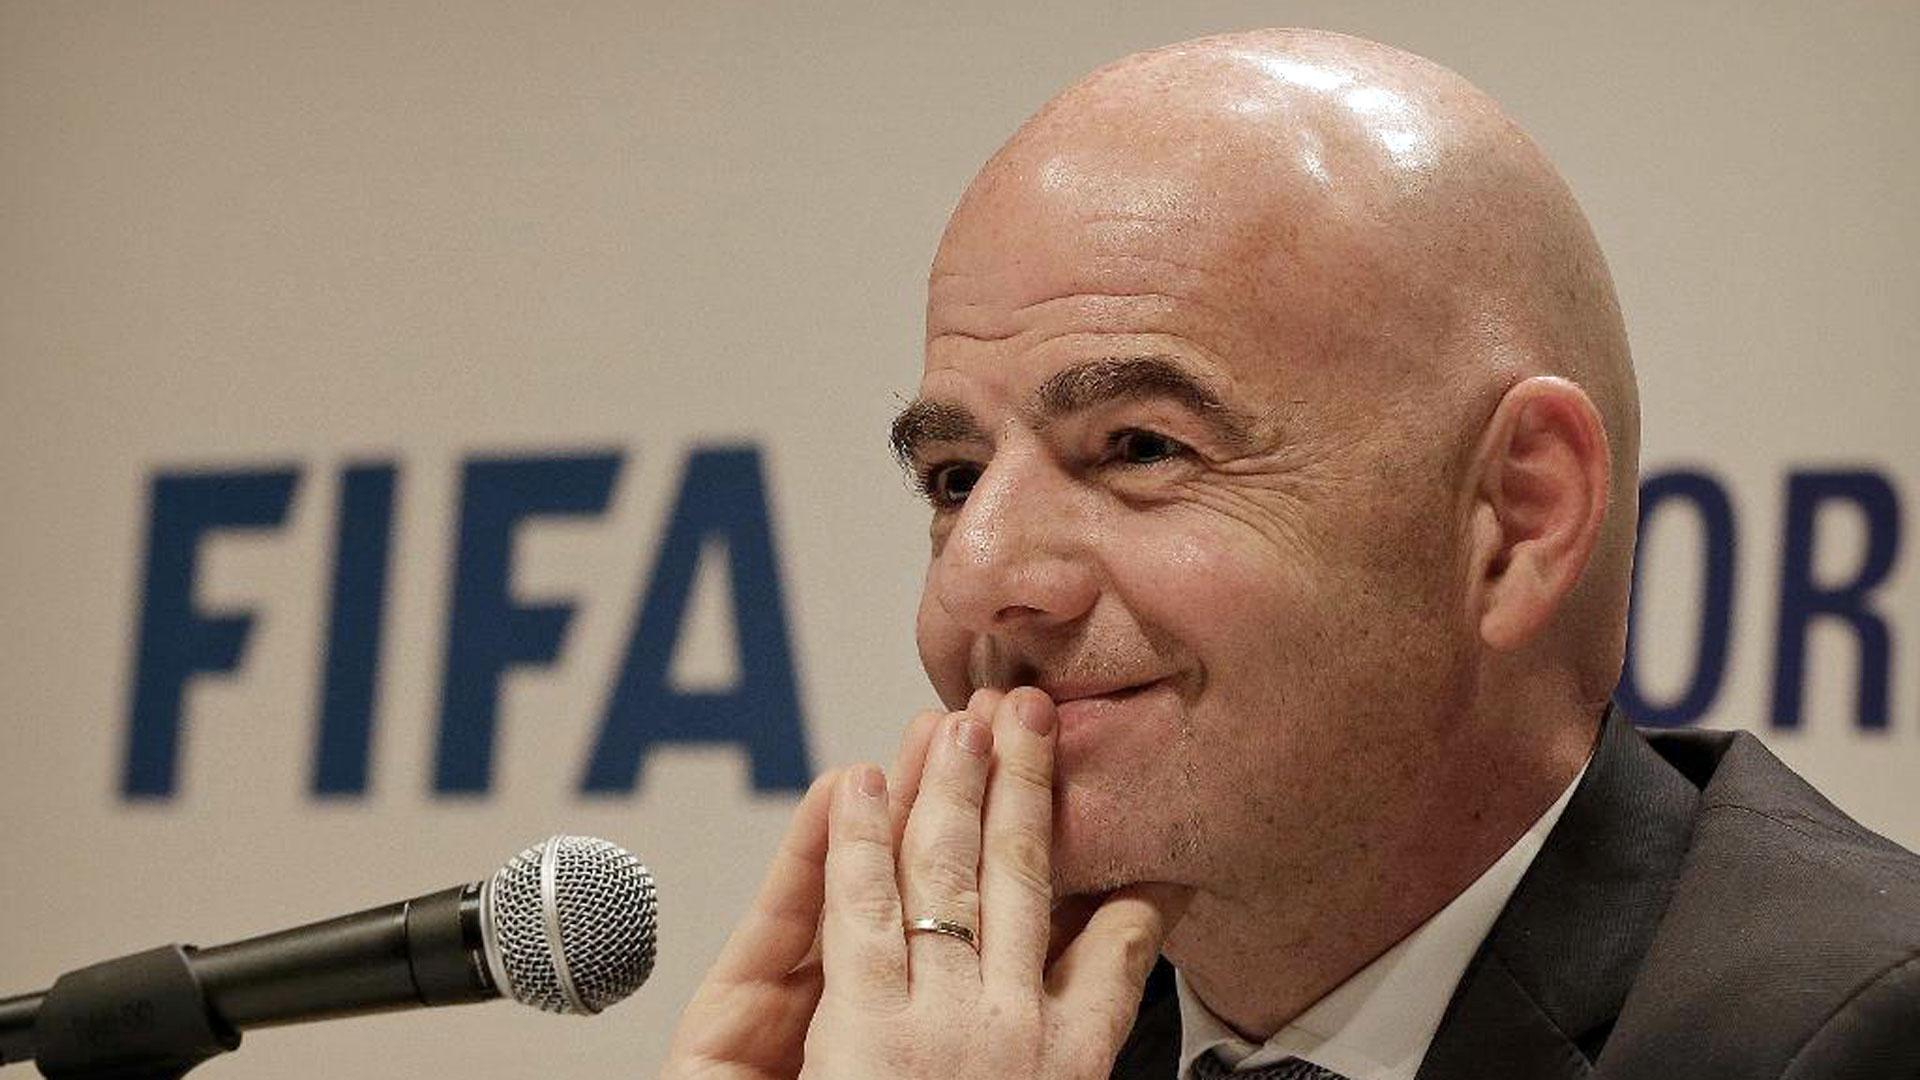 Gianni Infantino trasladó al Consejo de la FIFA una oferta de USD 25.000 millones por el control de dos torneos (AP)